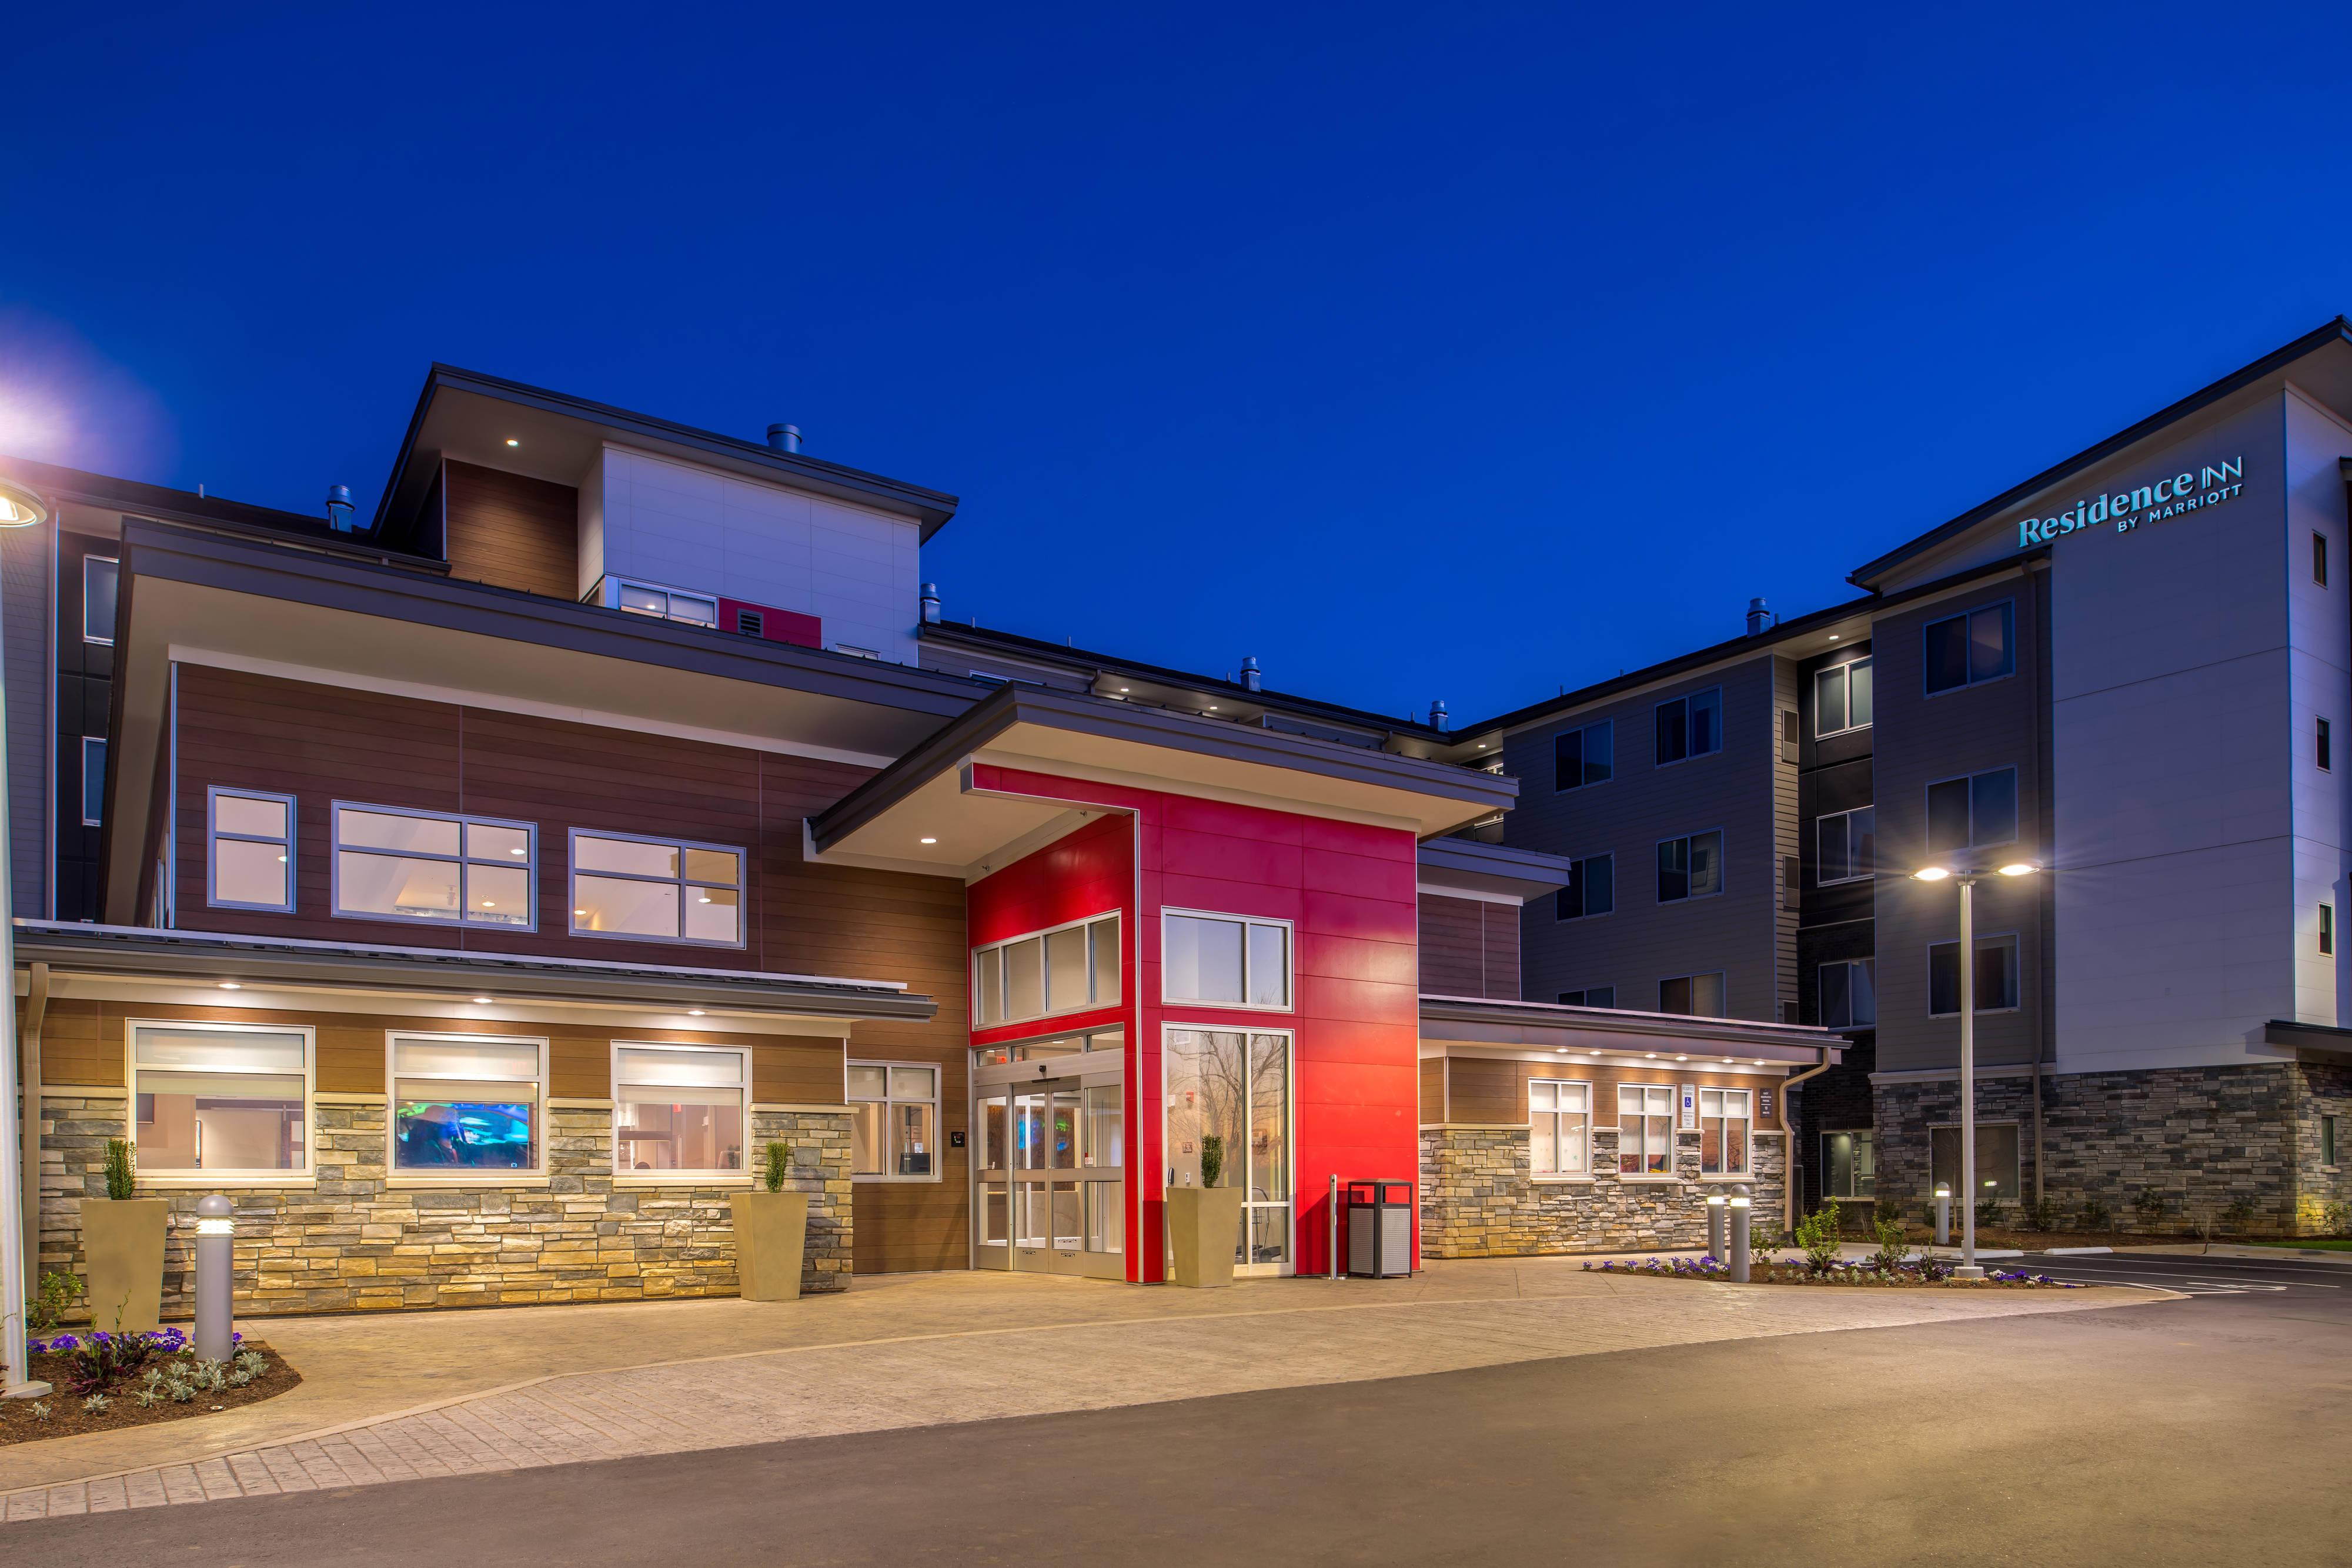 Residence Inn Steele Marriott